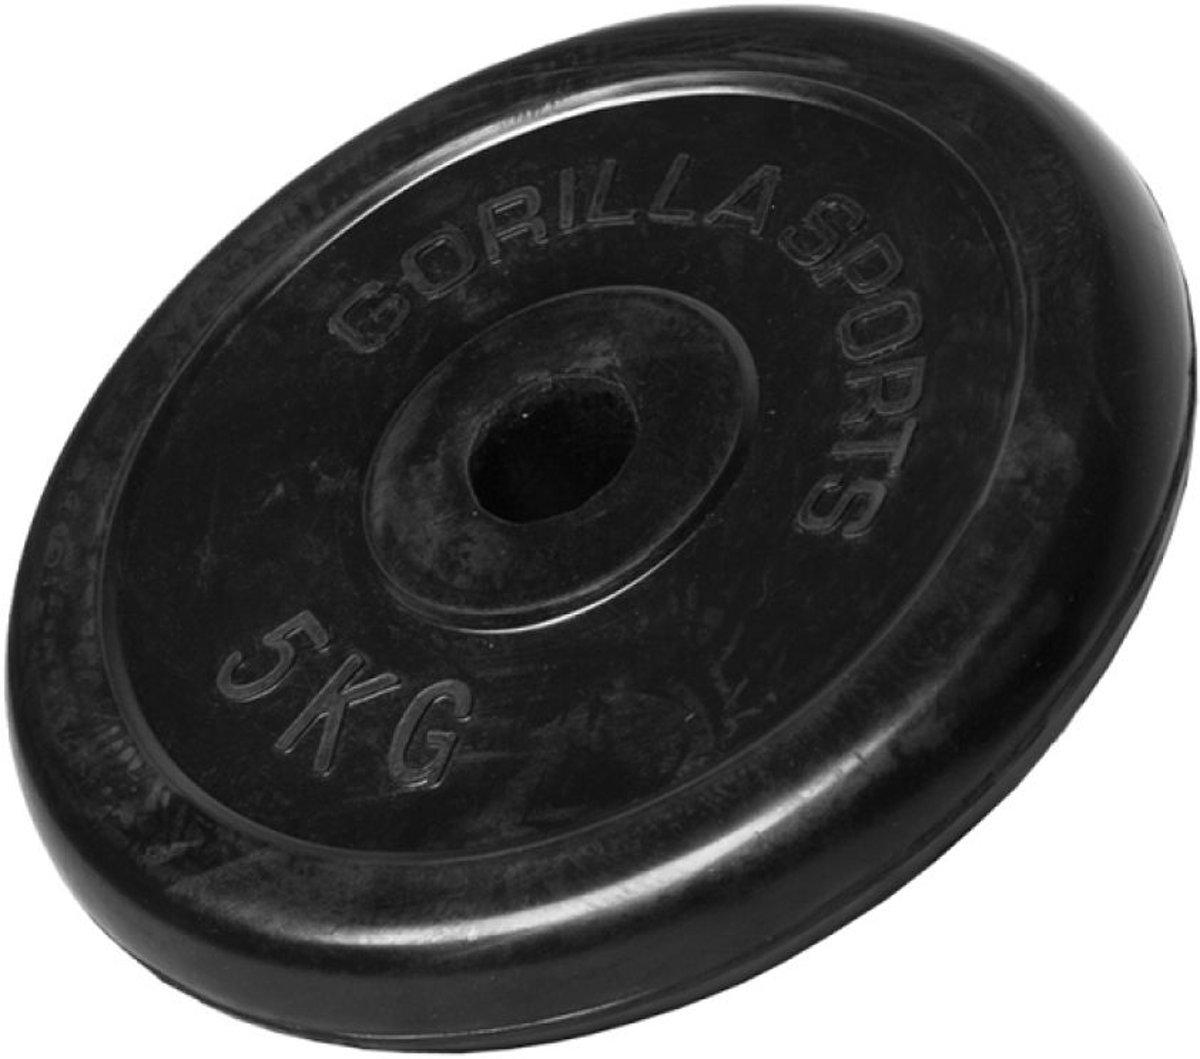 Gorilla Sports Halterschijf 5 kg - Natuurlijk Rubber - Doorsnede 22 cm kopen